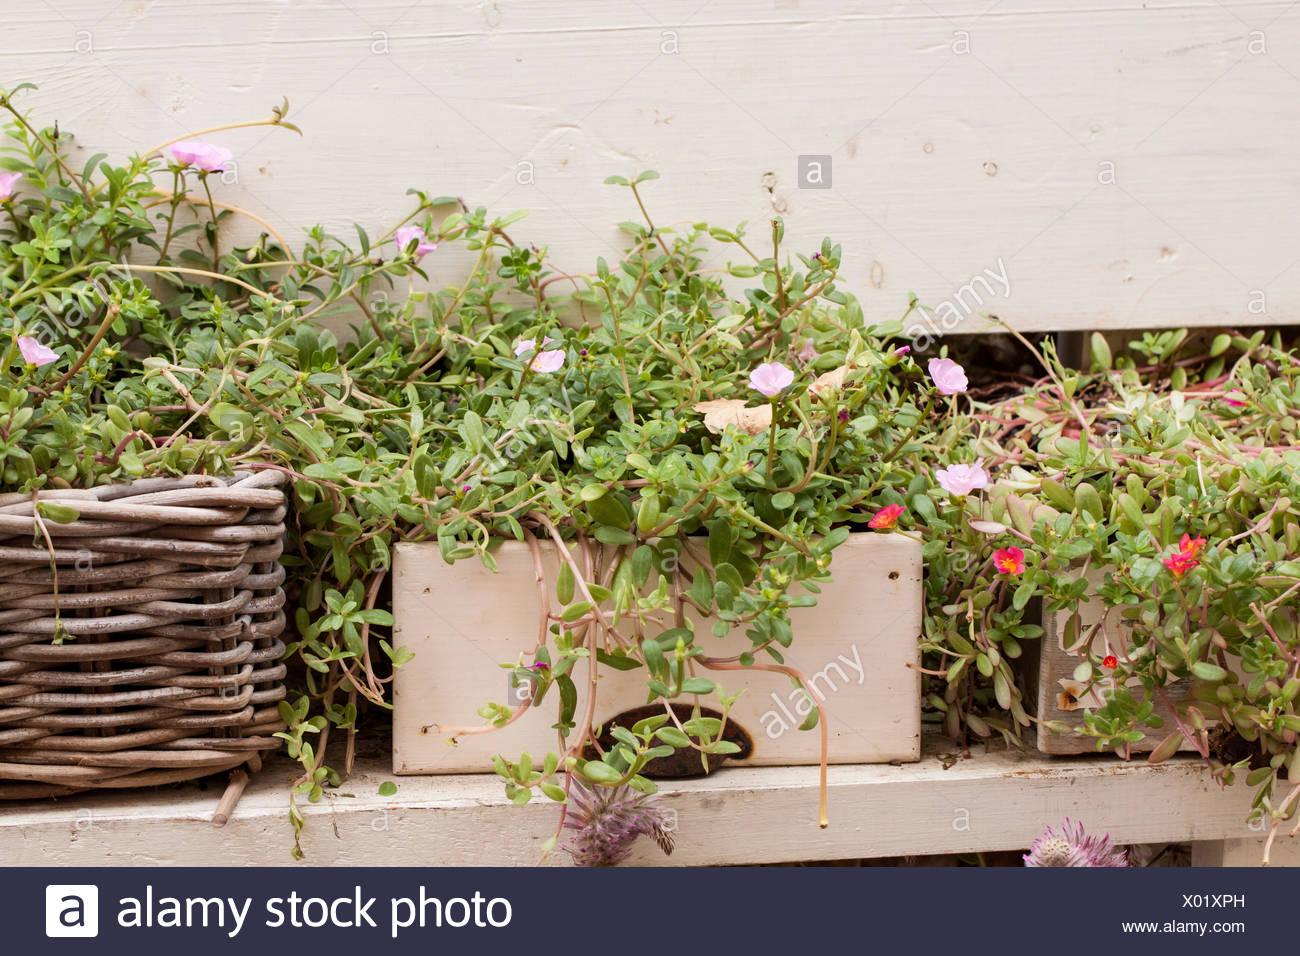 Kleine Töpfe Am Fenster Mit Frischen Grünen Kräuter Basilikum Blume Gewürze    Stock Image